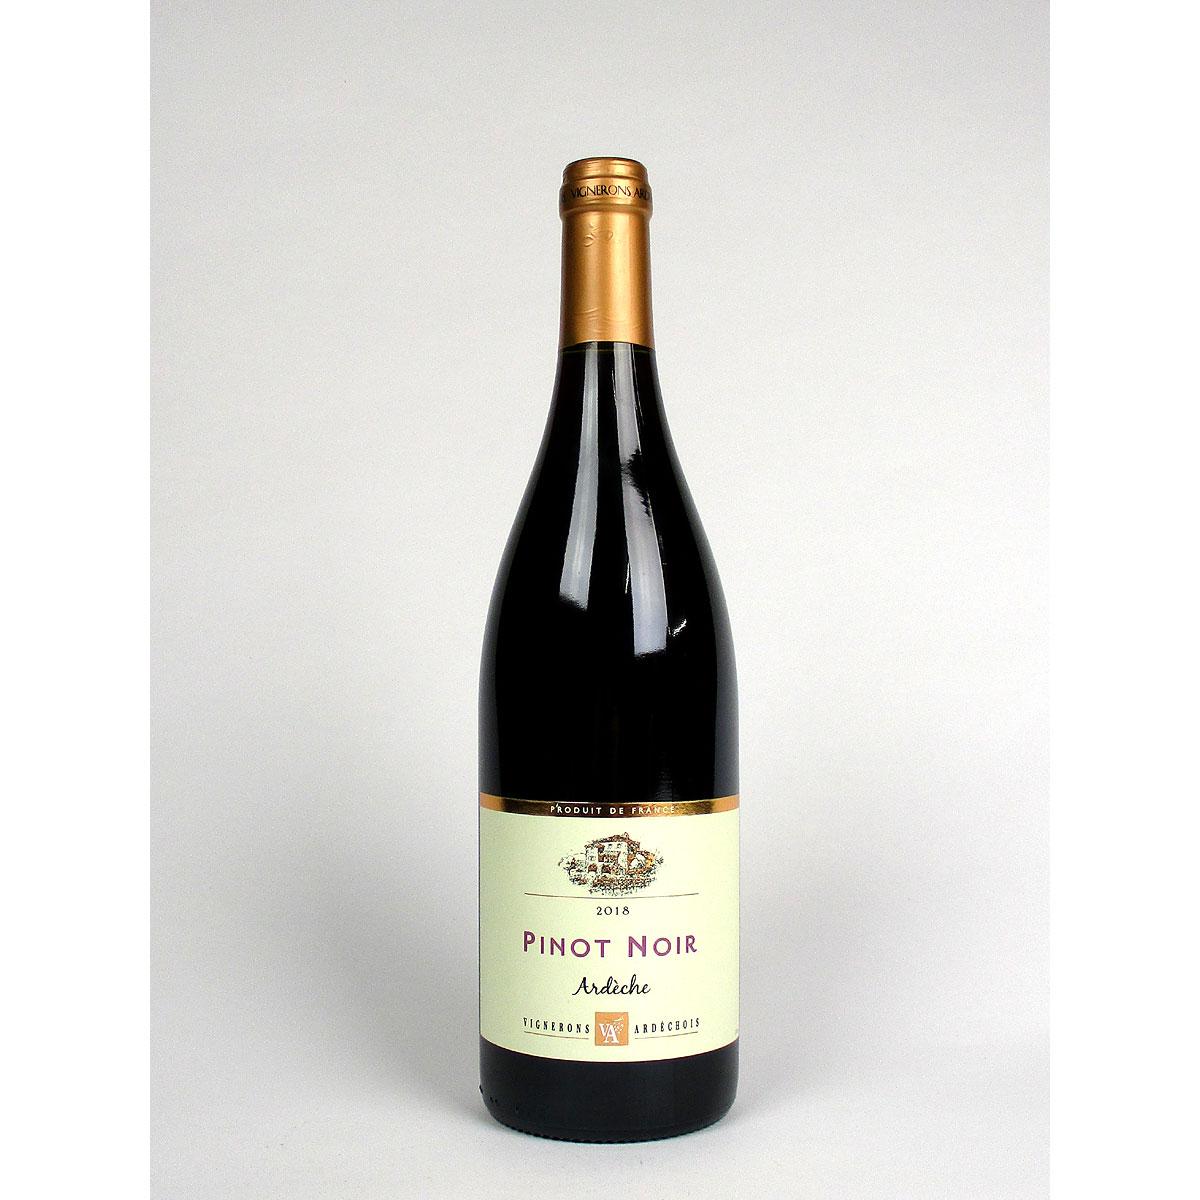 Coteaux de l'Ardèche: Cépage Pinot Noir 2018 - Bottle